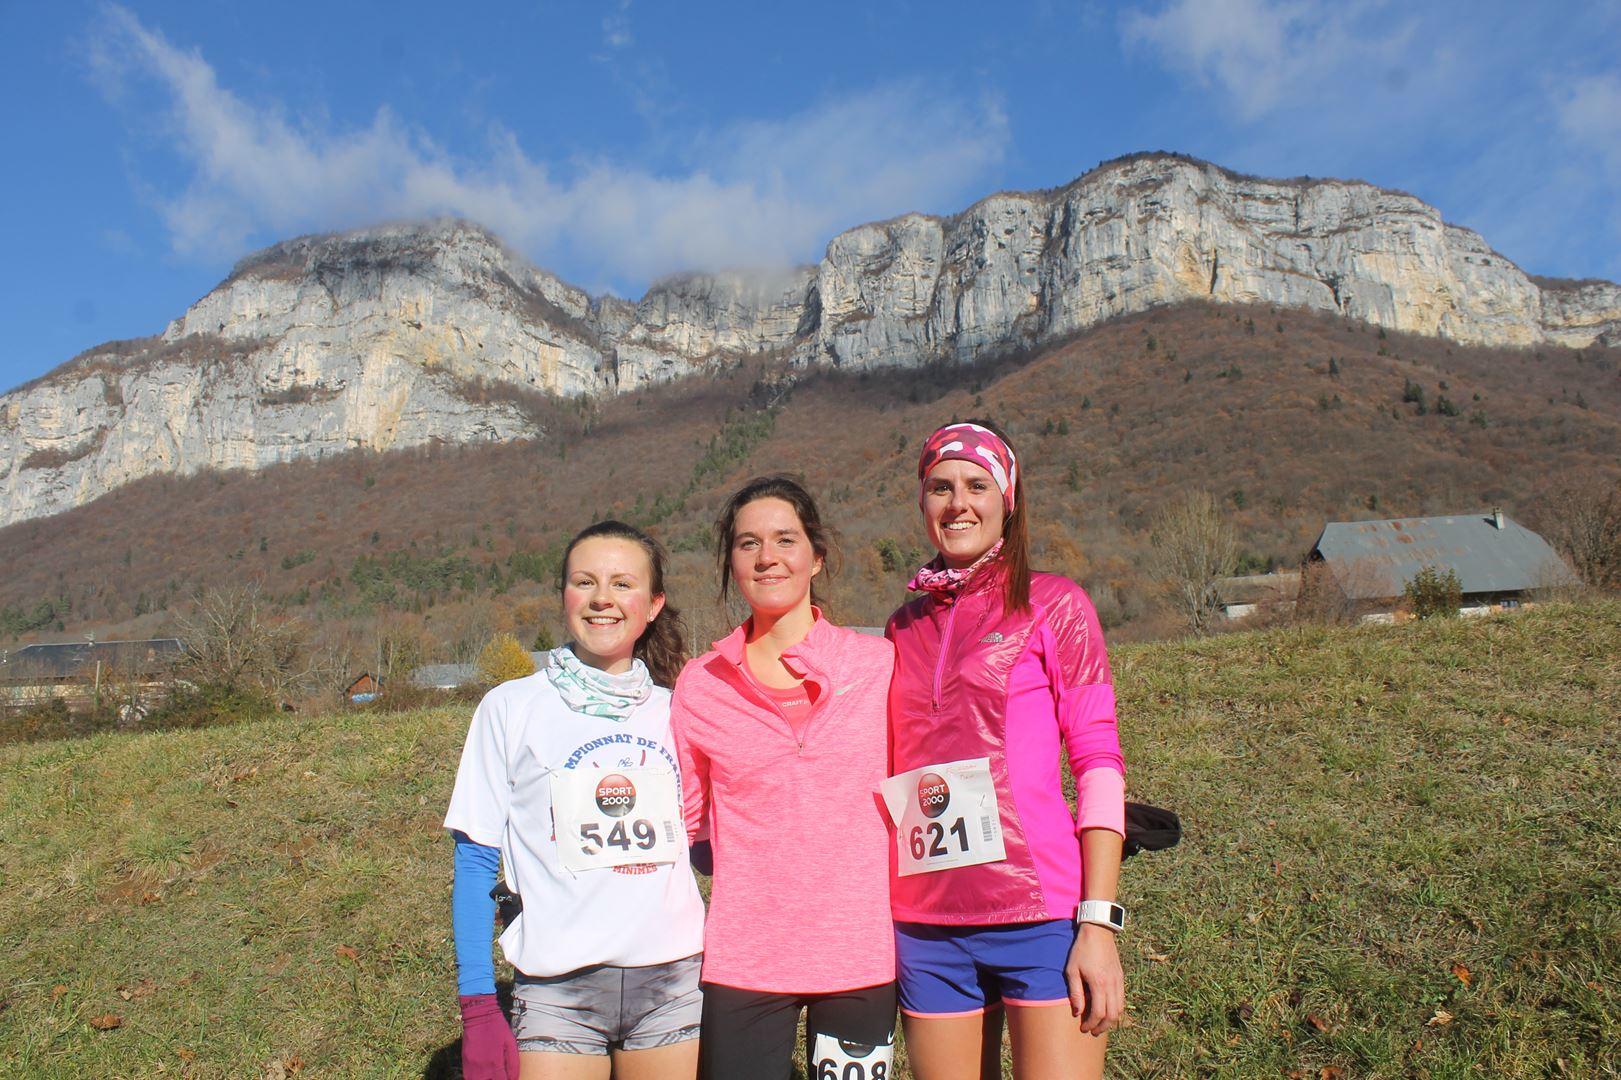 Podium féminin du 11km - RESULTATS ET COMPTE RENDU DE LA SANGERUN 26-11-2017 SAINT JEAN D'ARVEY (73)